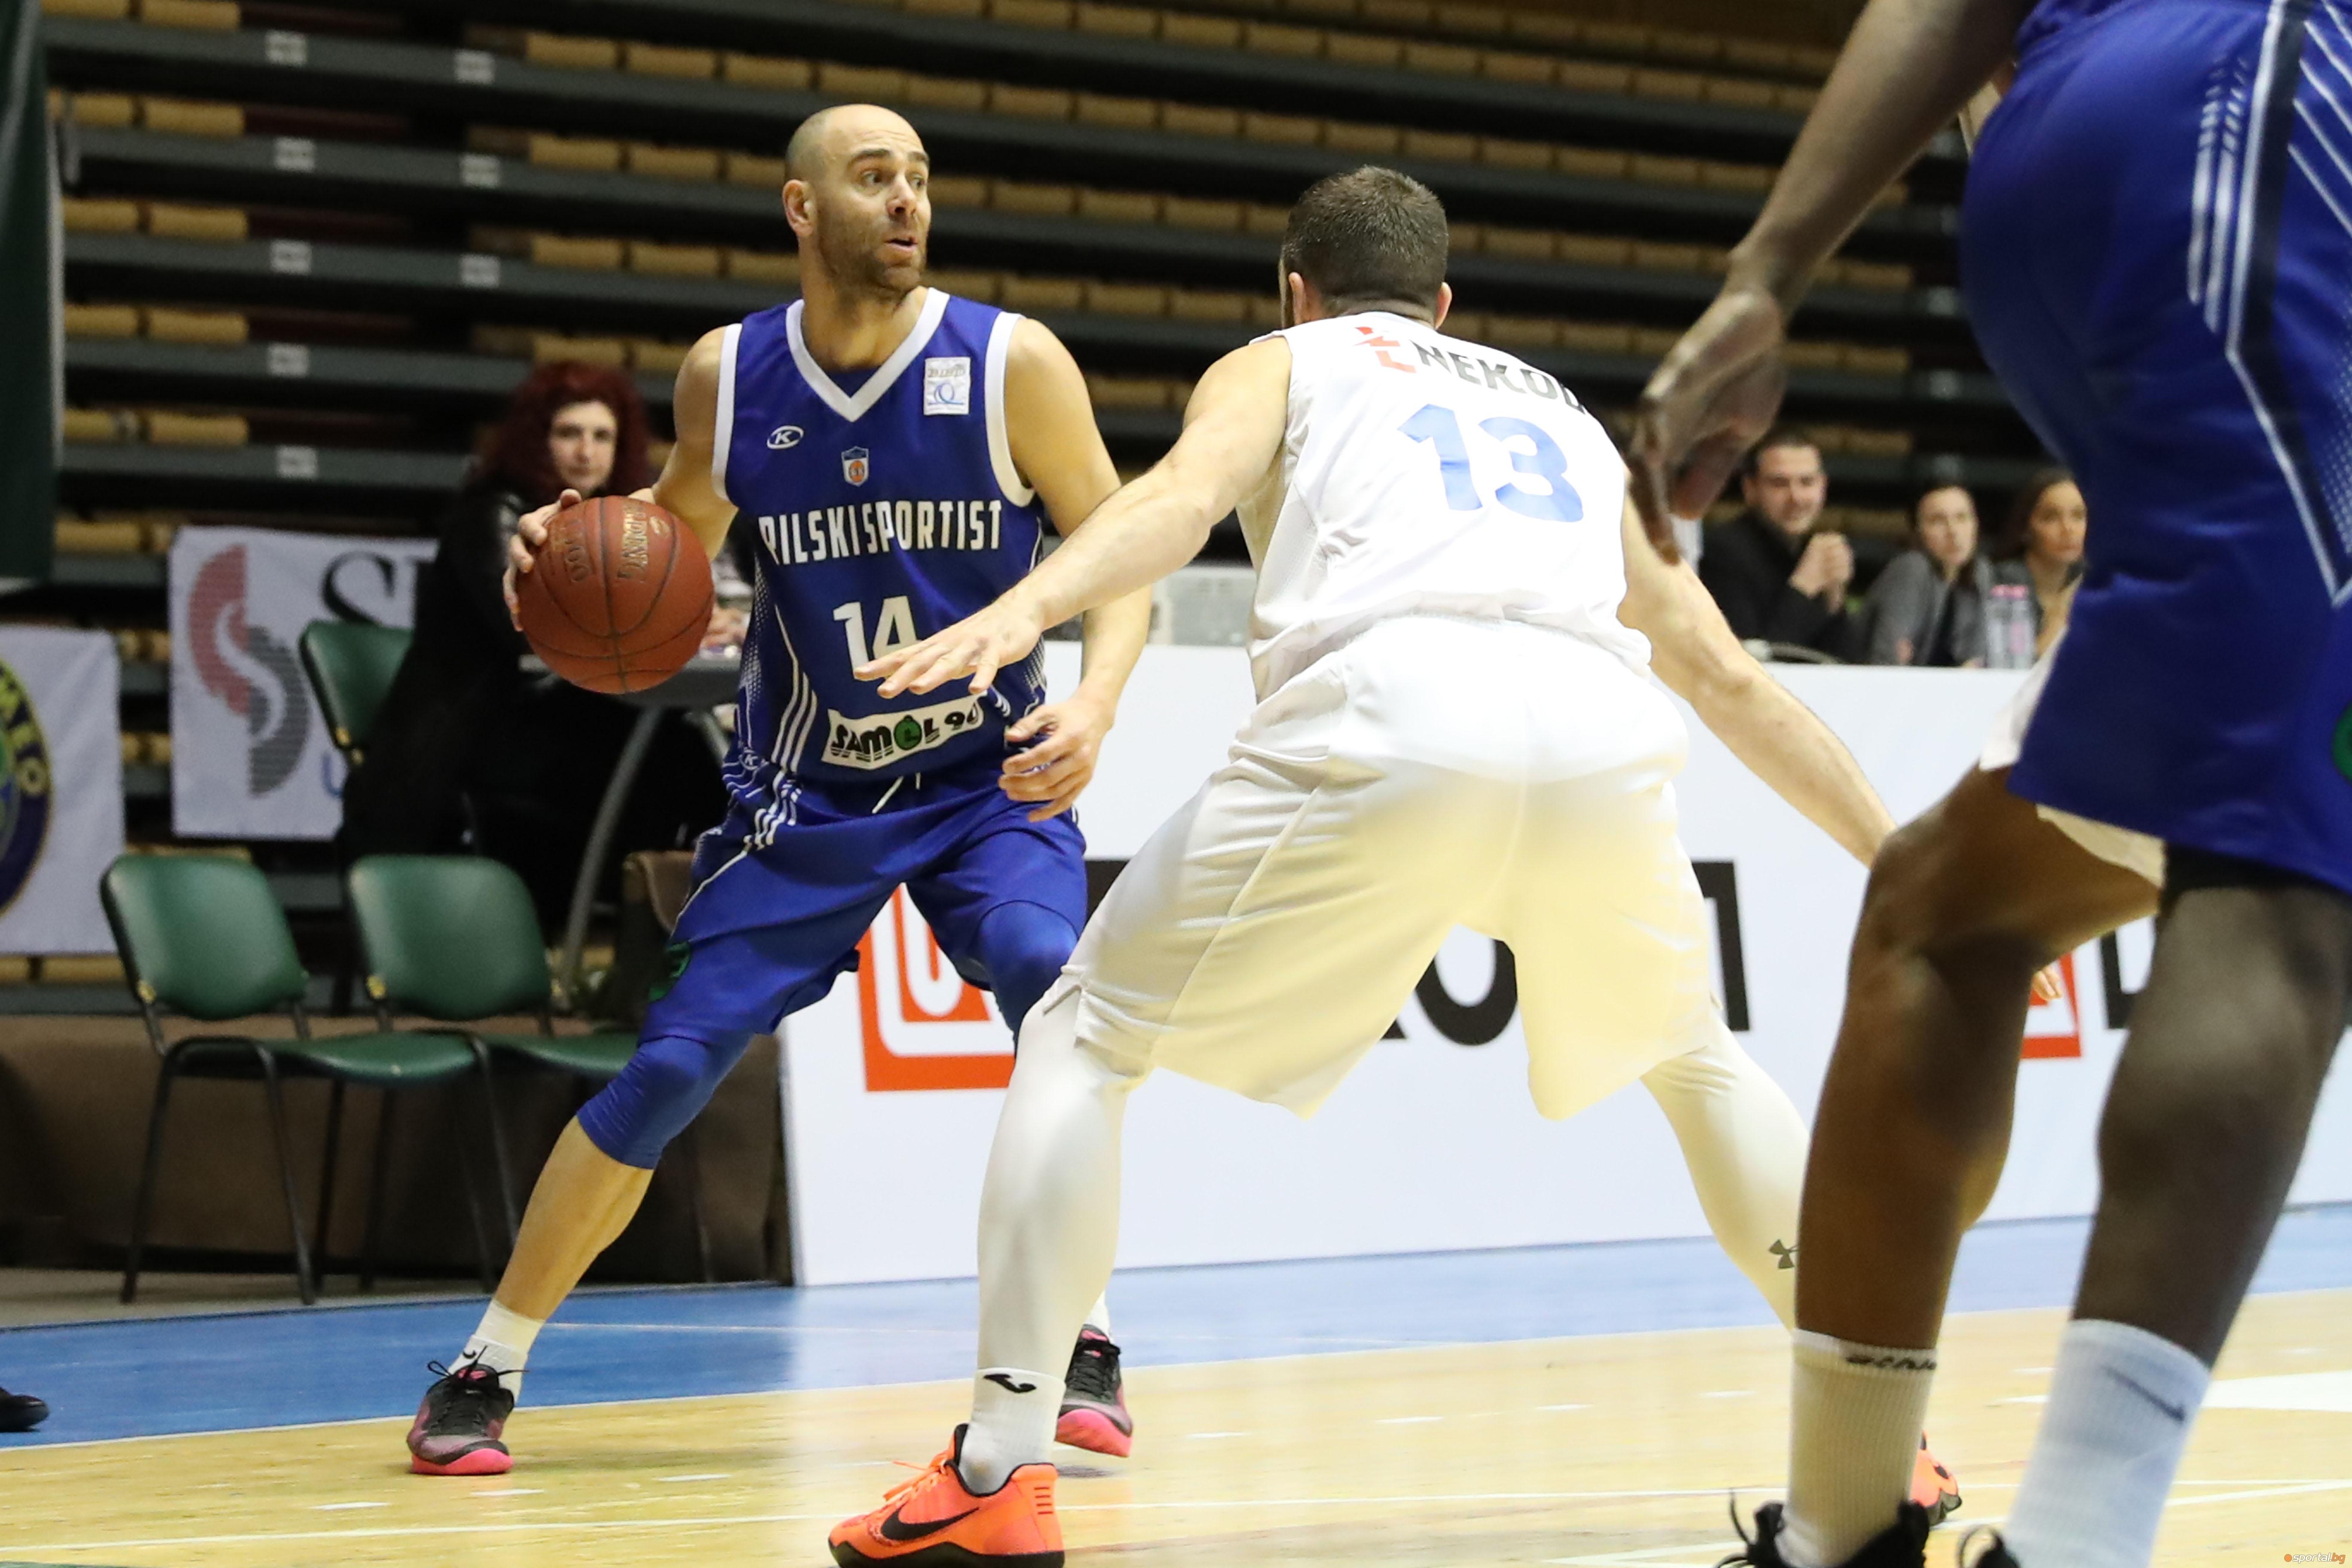 Отборът на Рилски спортист (Самоков) си осигури място на финала